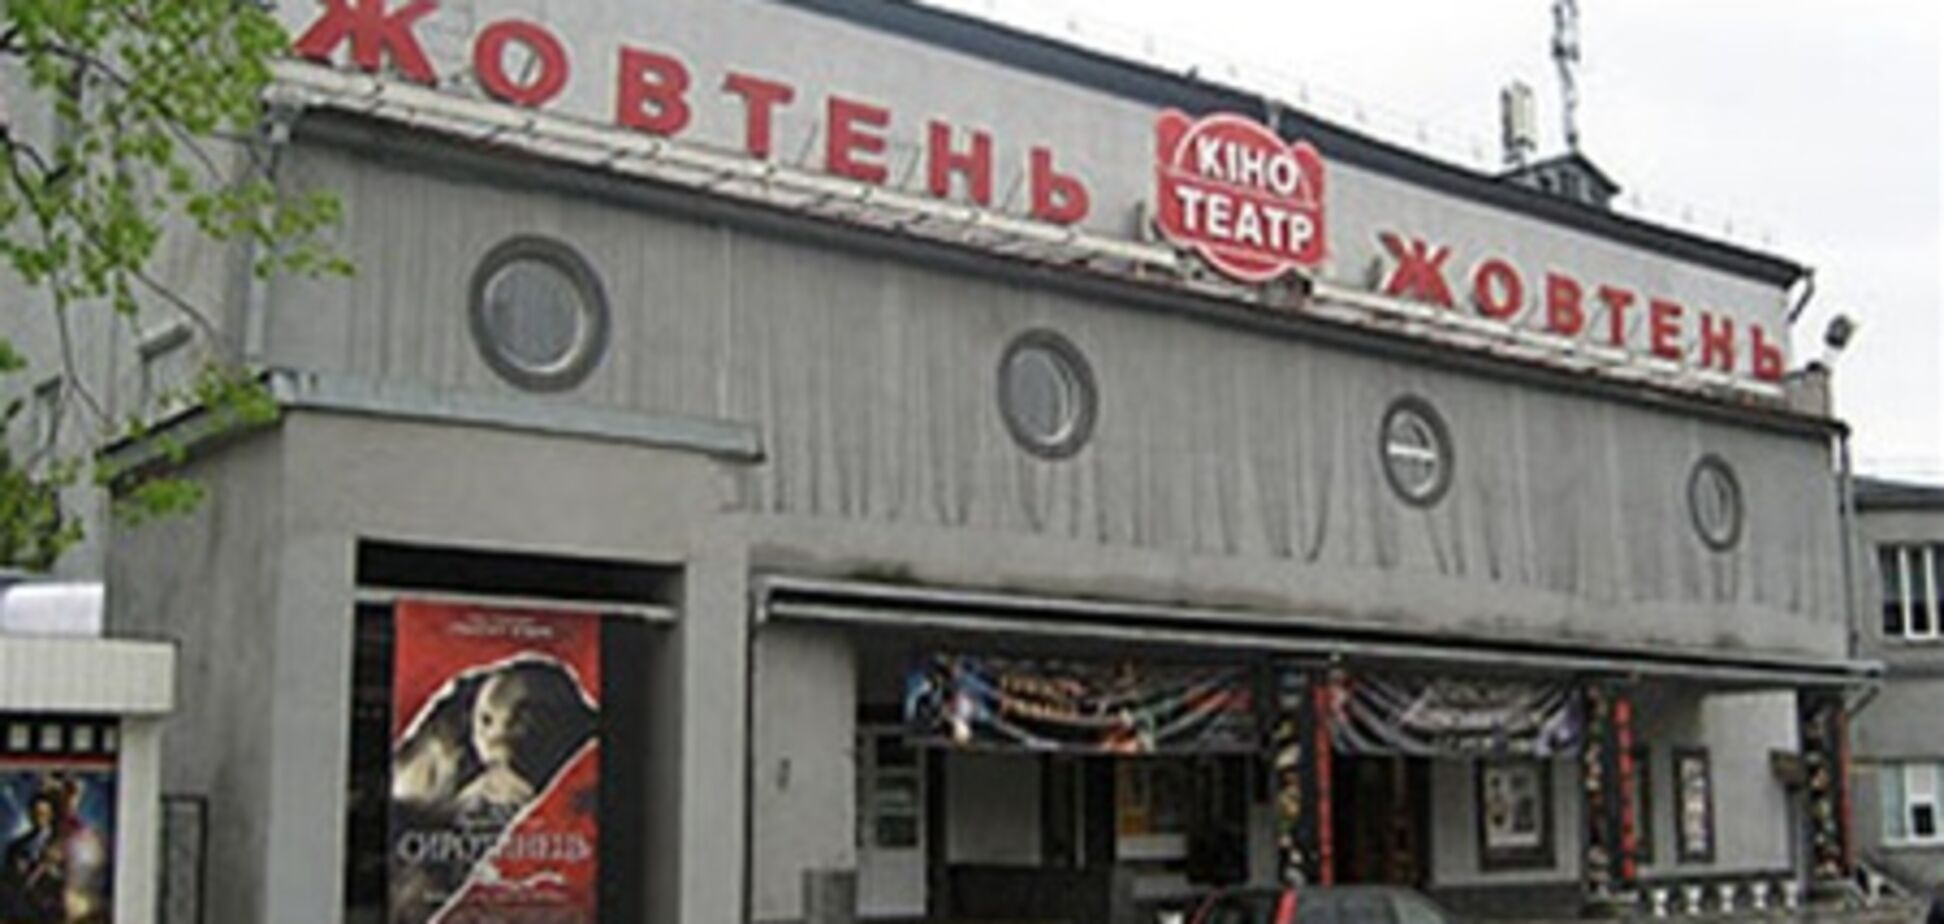 Кинотеатр 'Жовтень' оказался под угрозой закрытия